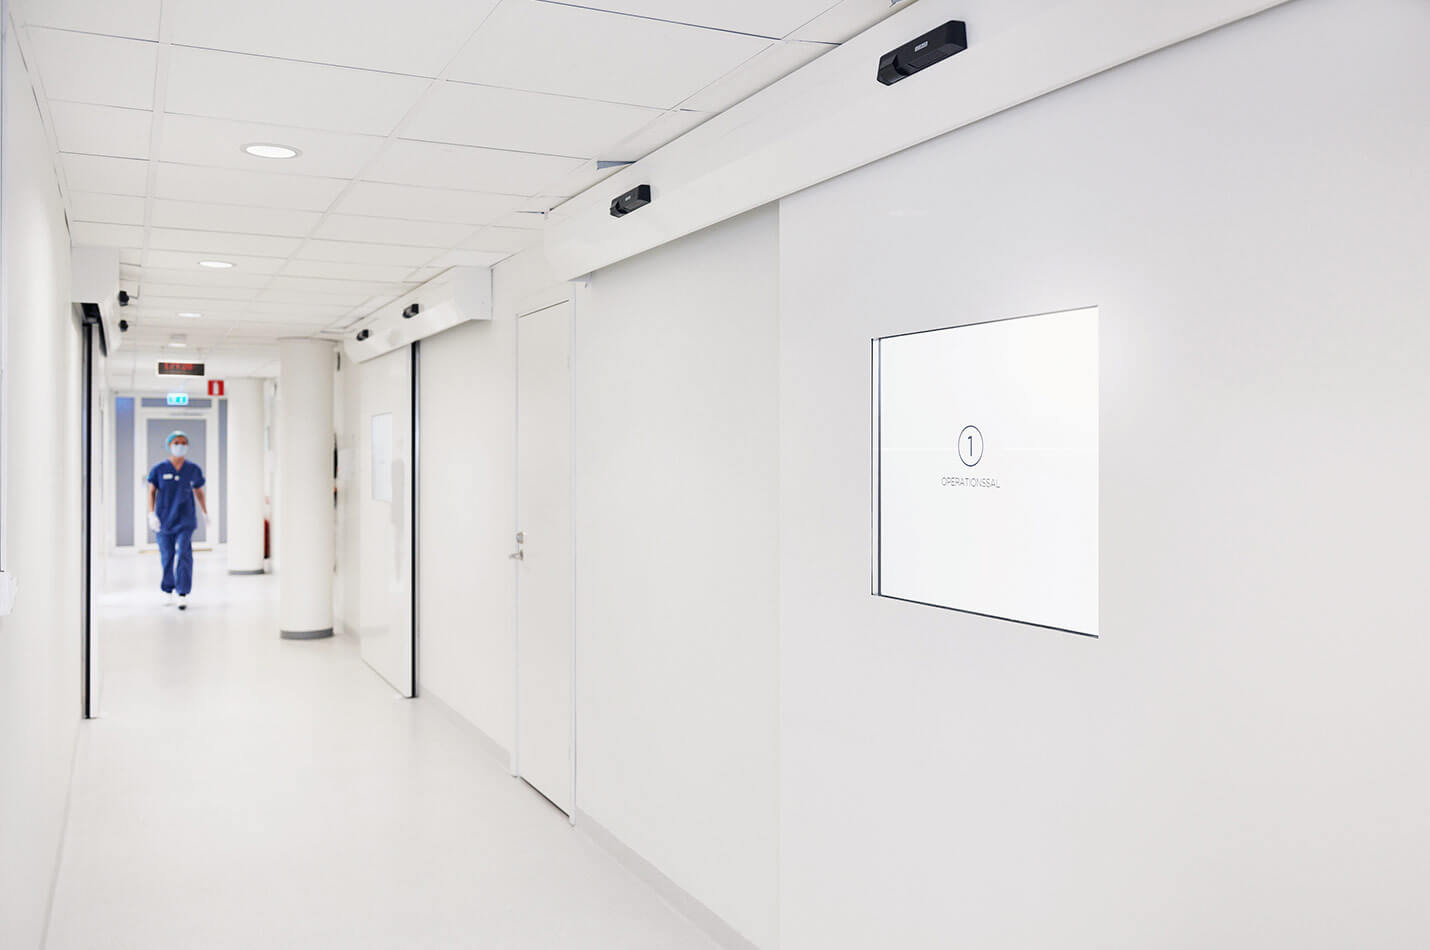 Plastikkirurg i korridor på Nordiska Kliniken